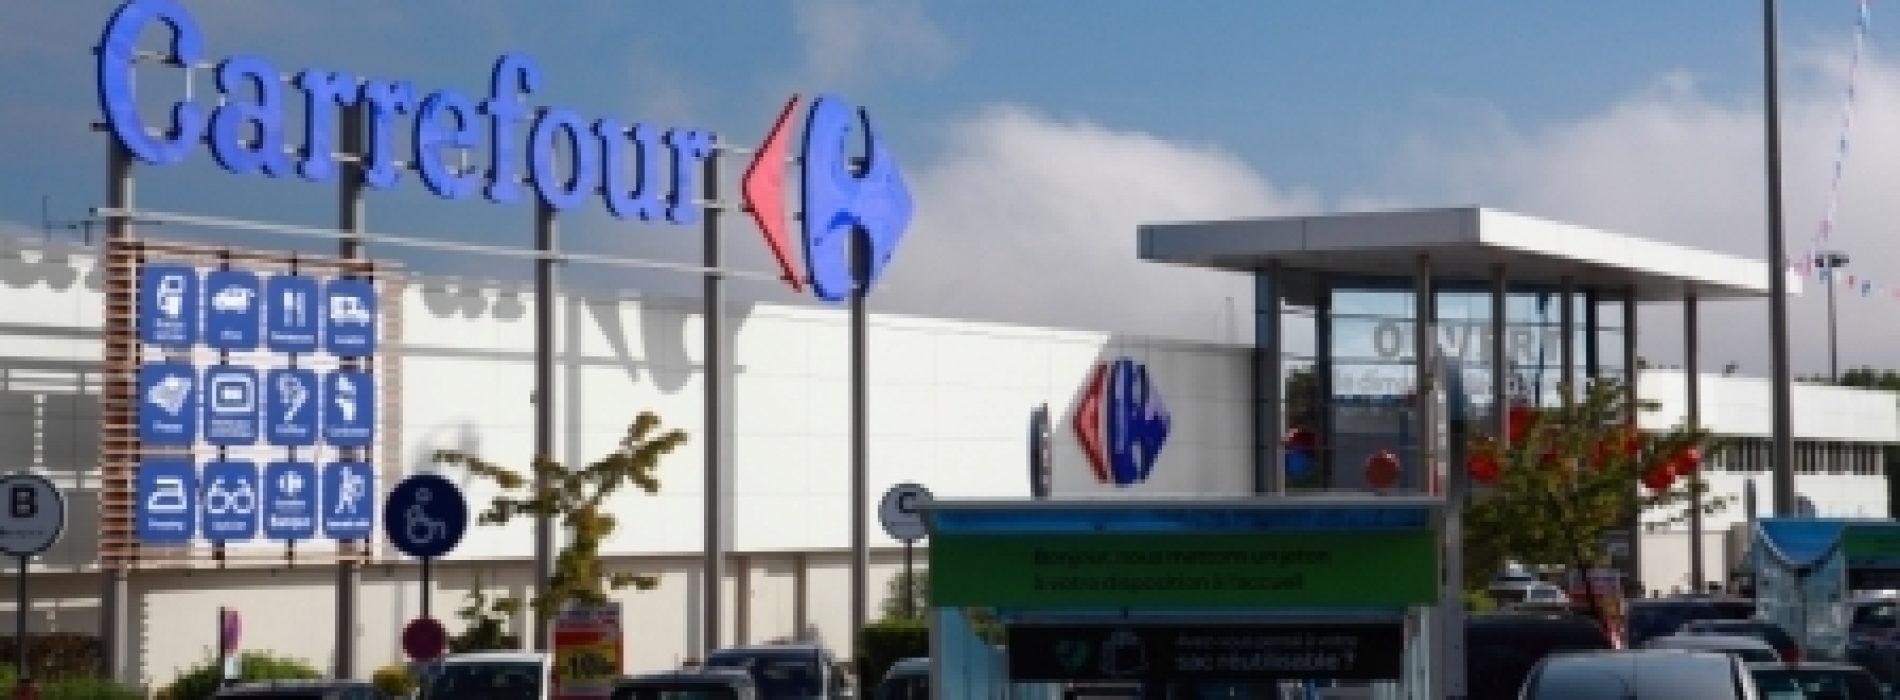 Carrefour reduz marcas de fabricante em quatro lojas francesas